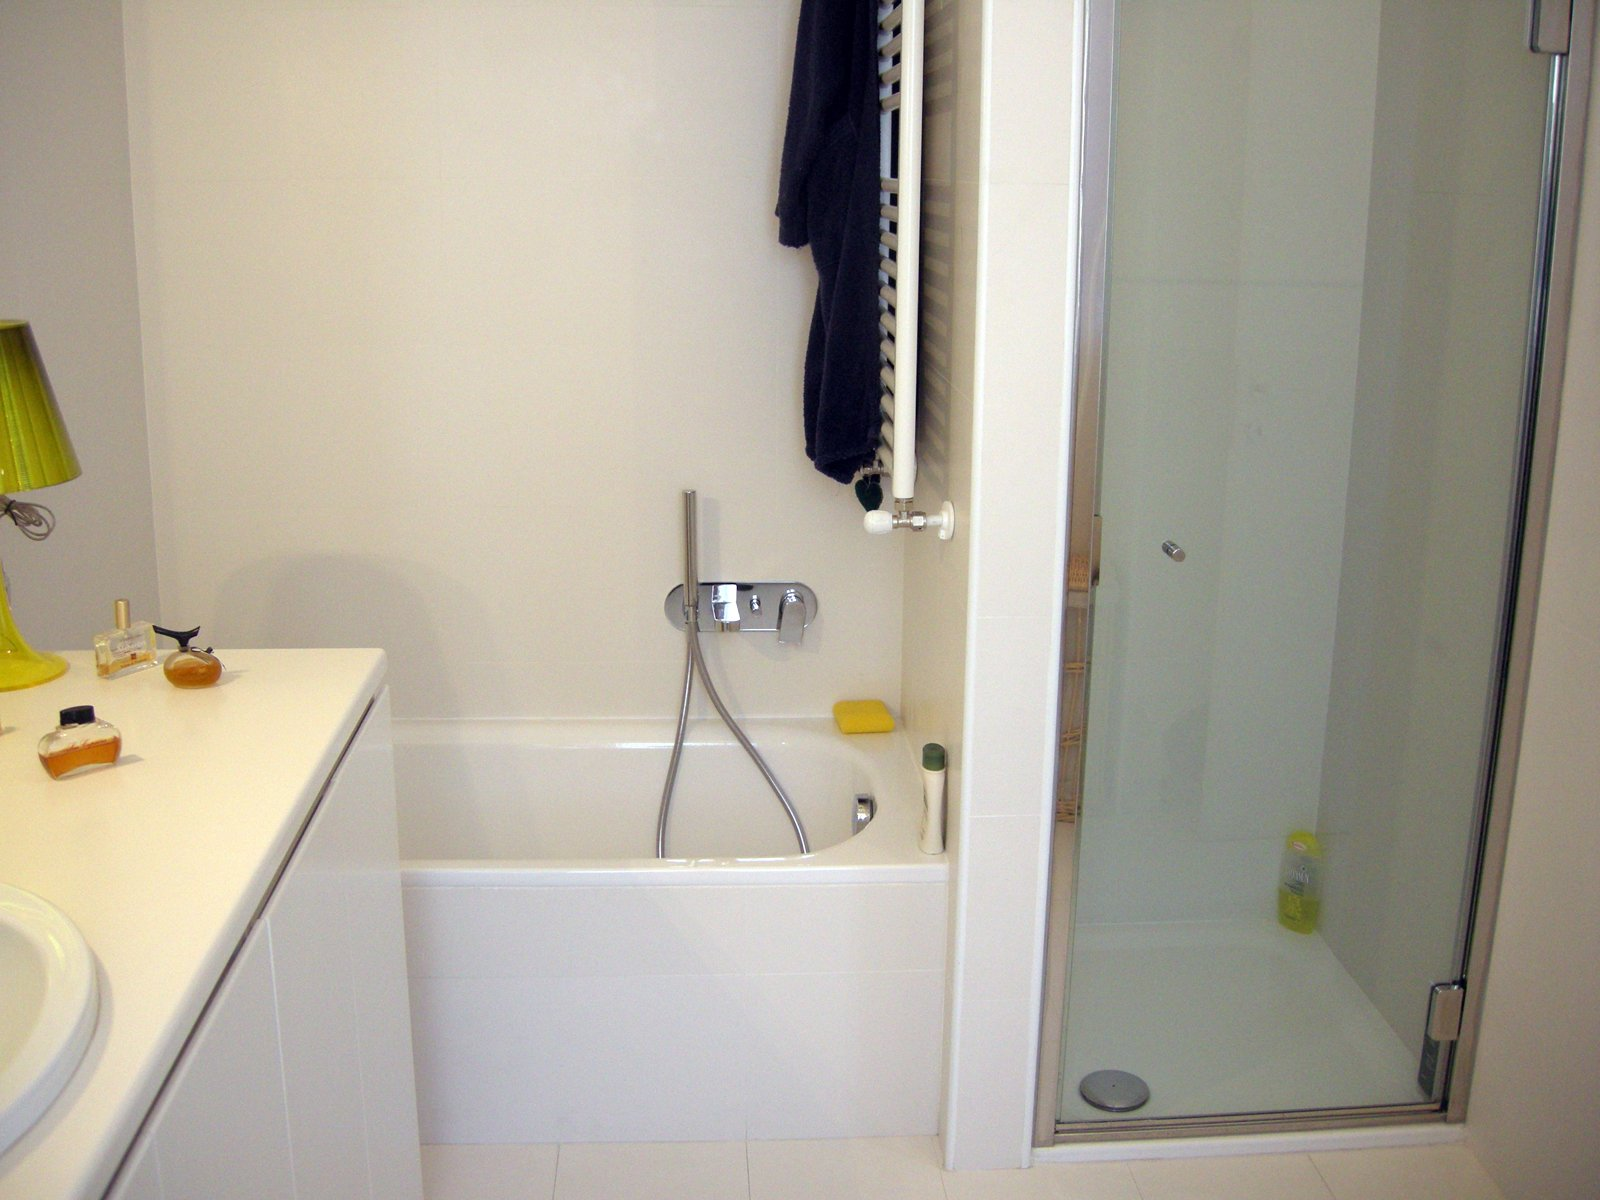 Ristrutturare il bagno 10 informazioni utili cose di casa - Ristrutturare il bagno fai da te ...